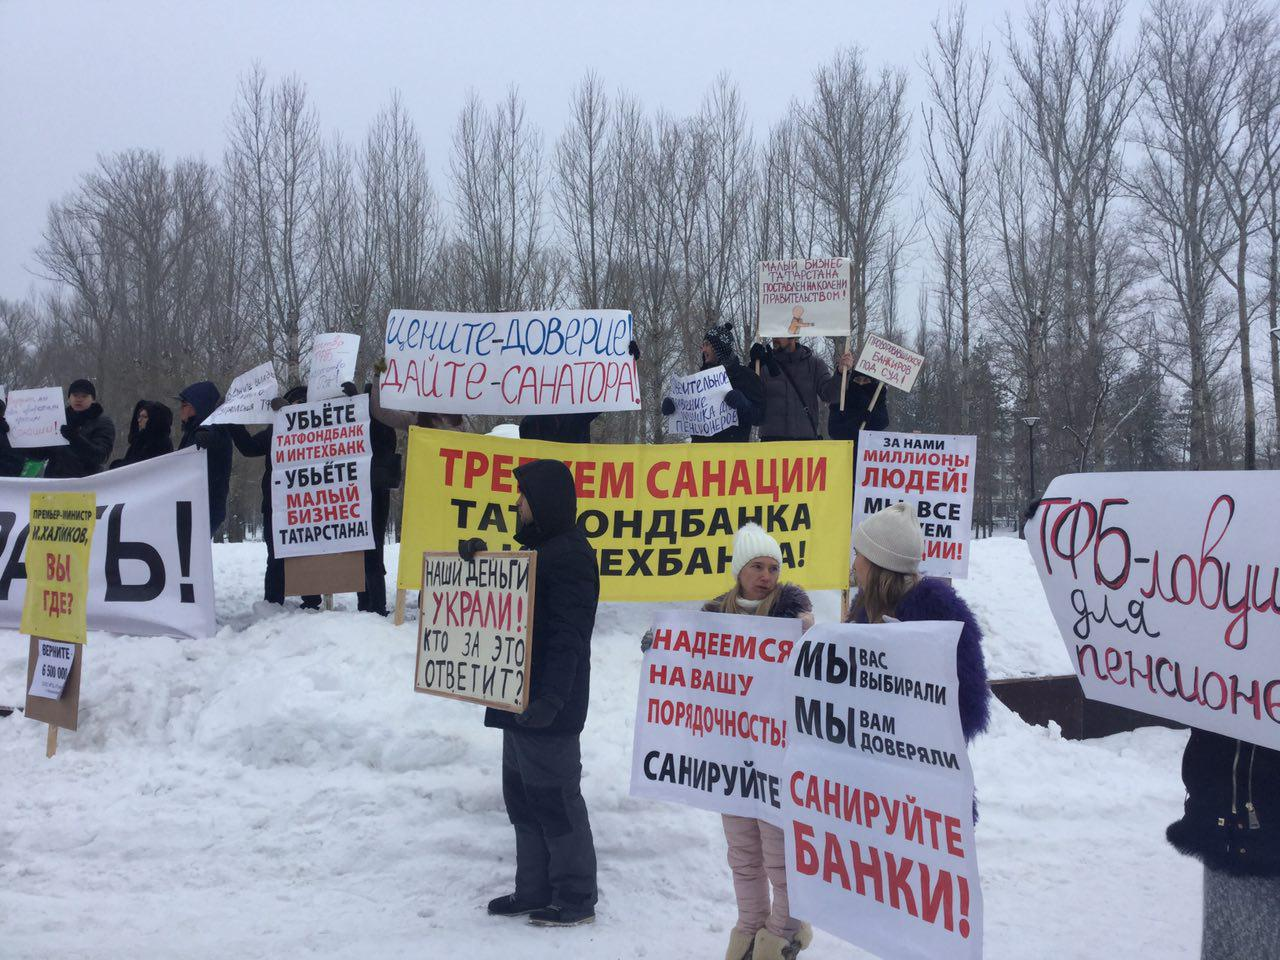 Мэрия Казани согласовала митинг кредиторов Татфондбанка